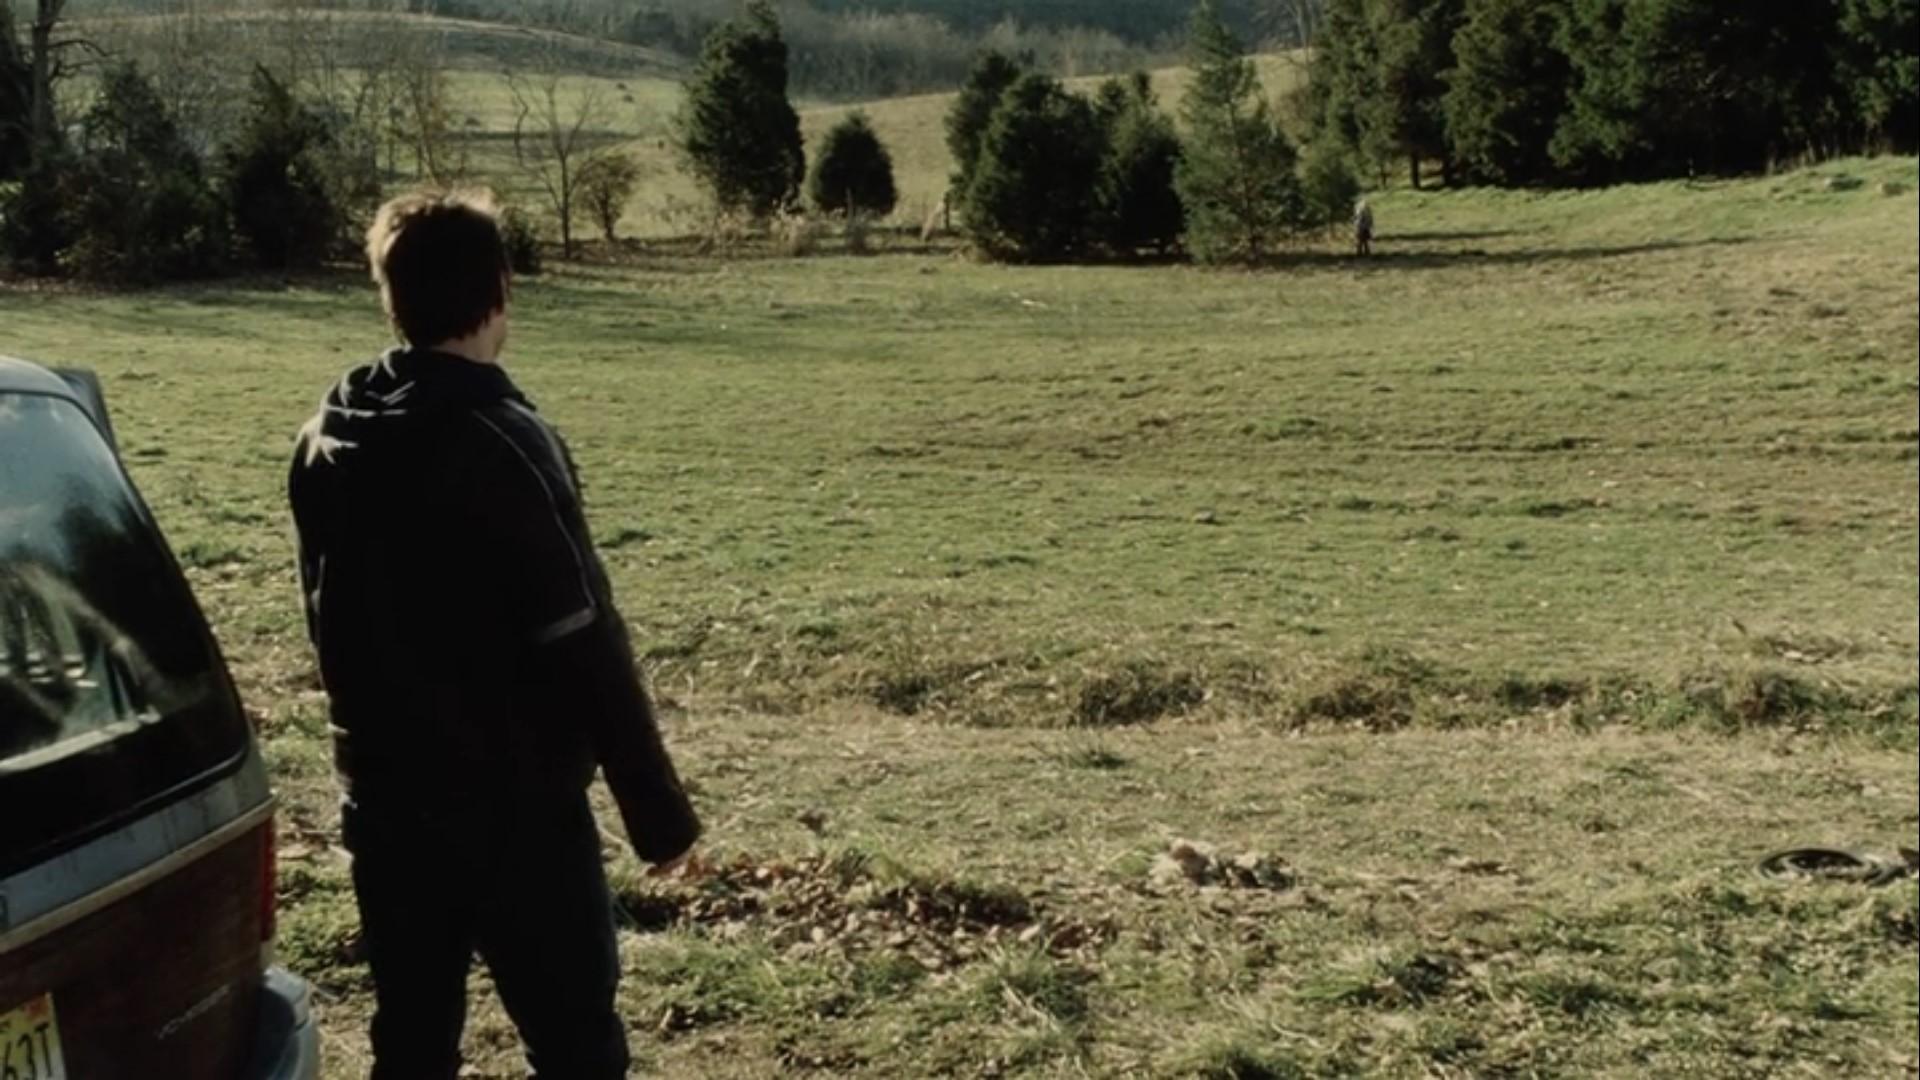 【感想】「宇宙戦争(2005)」の魅力6個。圧倒的な侵略者を前に、何ができるのか?: 安息地を求めてさまよう、ロードムービー要素